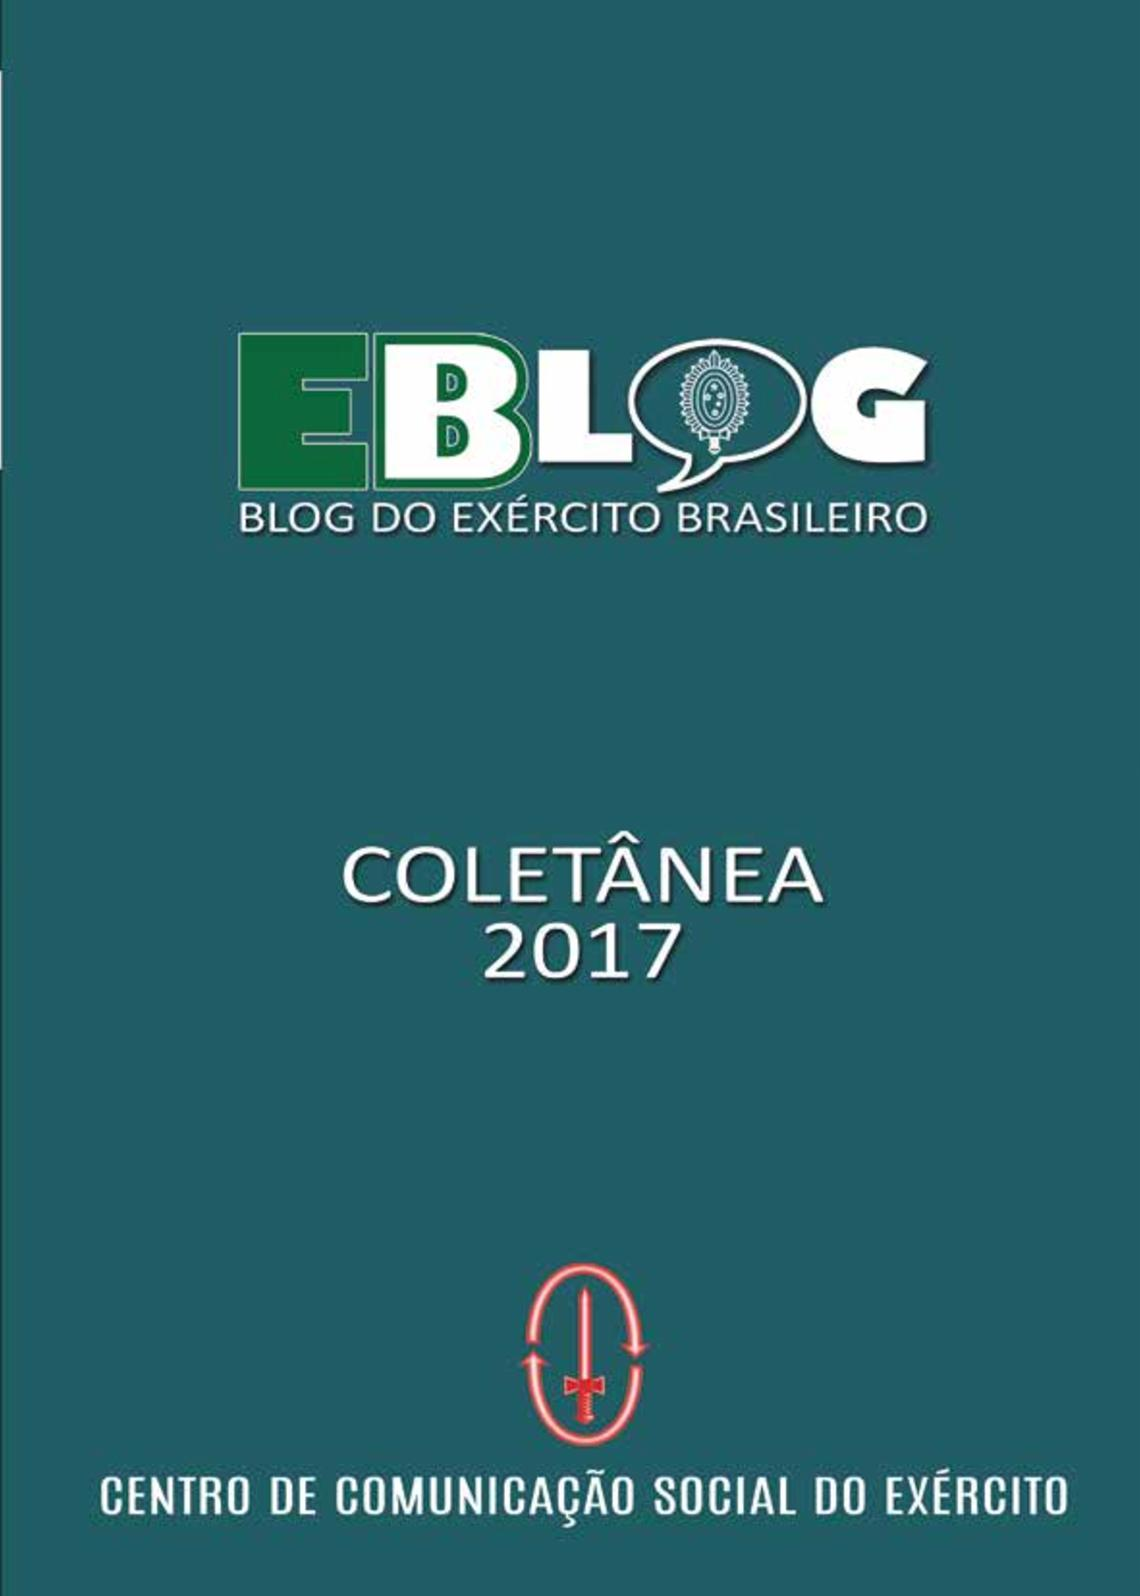 Calaméo - Coletânea Eblog 2017